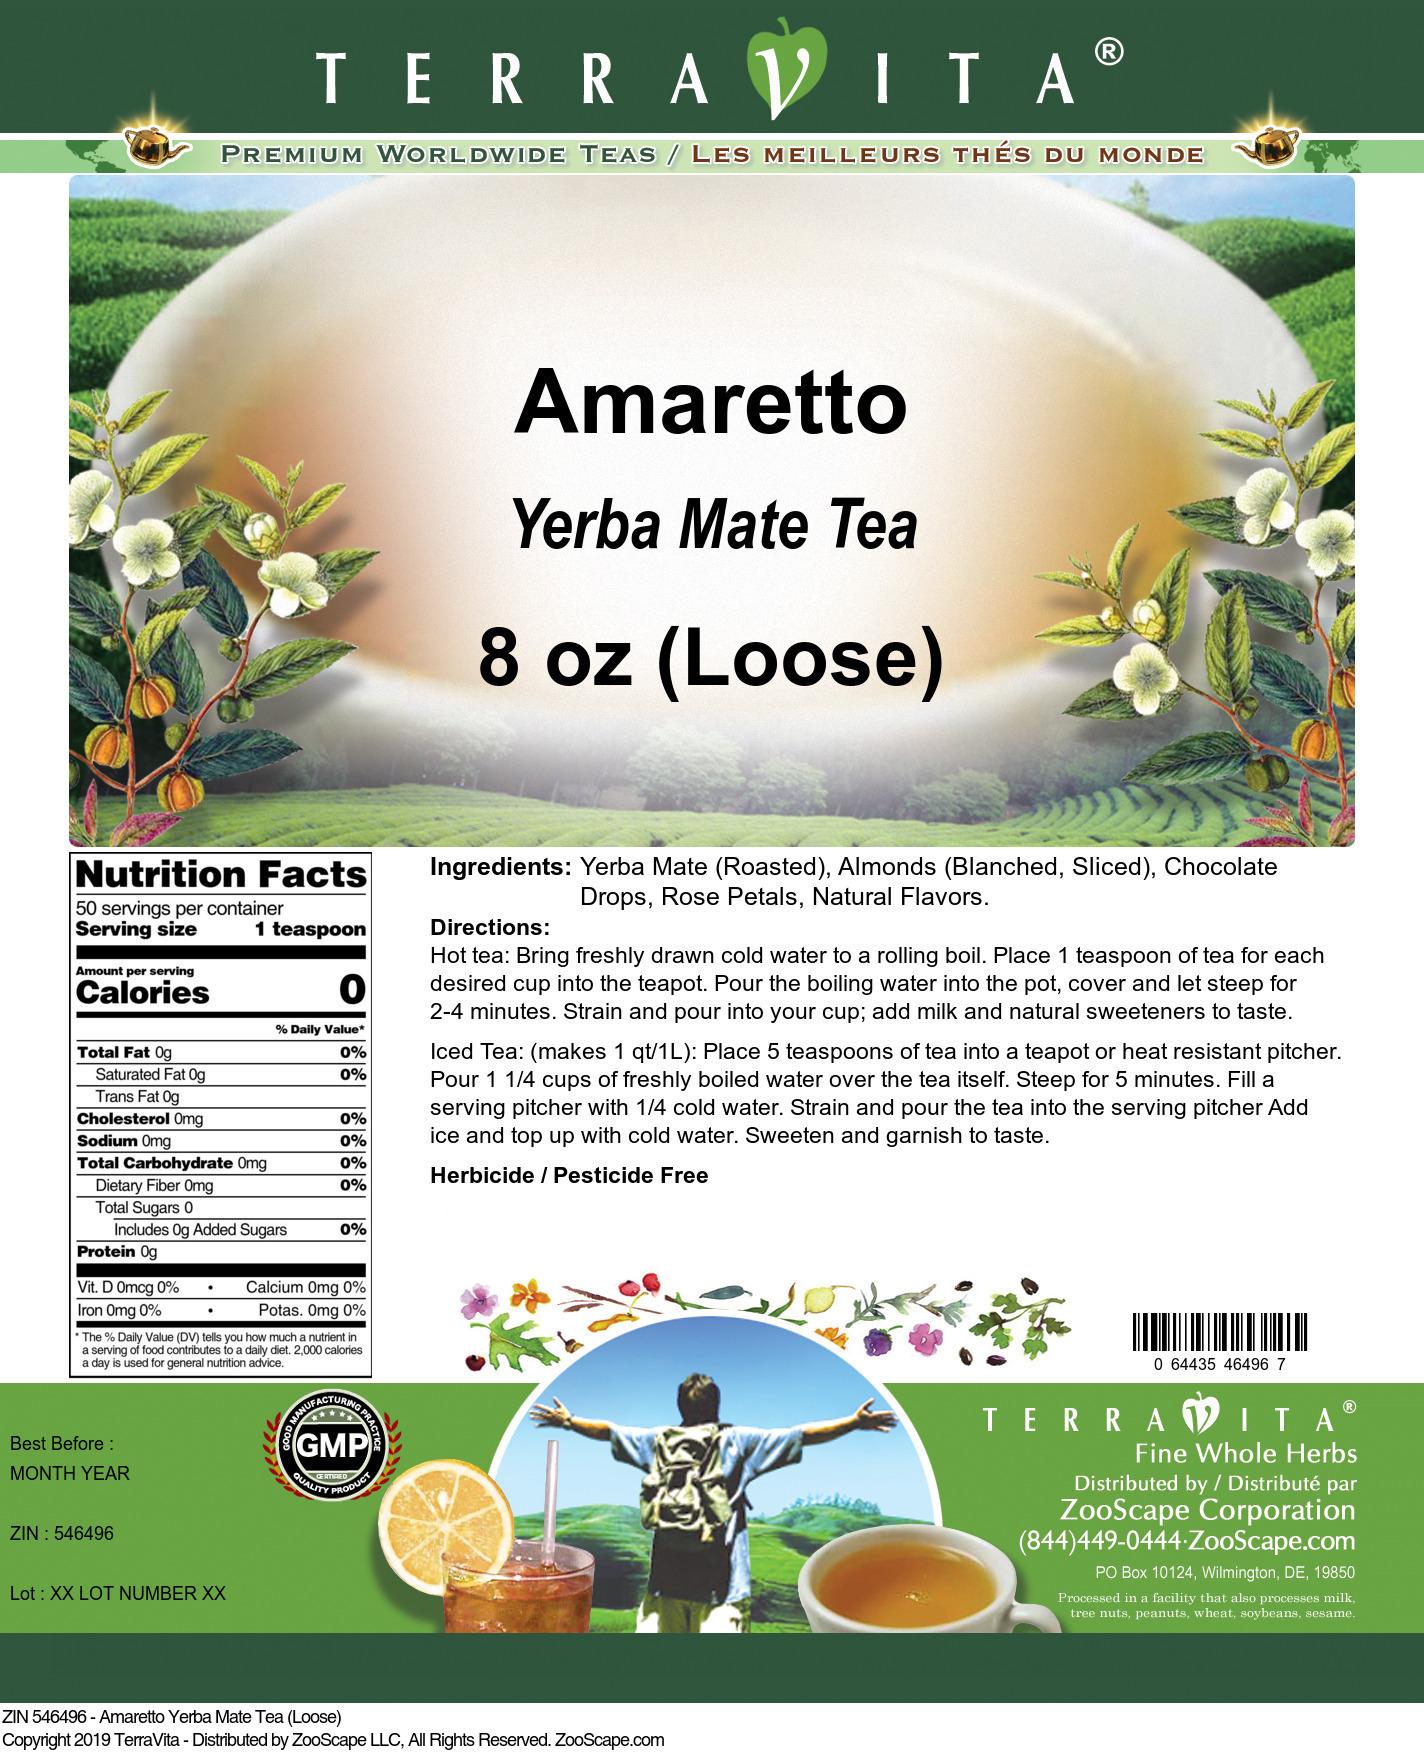 Amaretto Yerba Mate Tea (Loose)